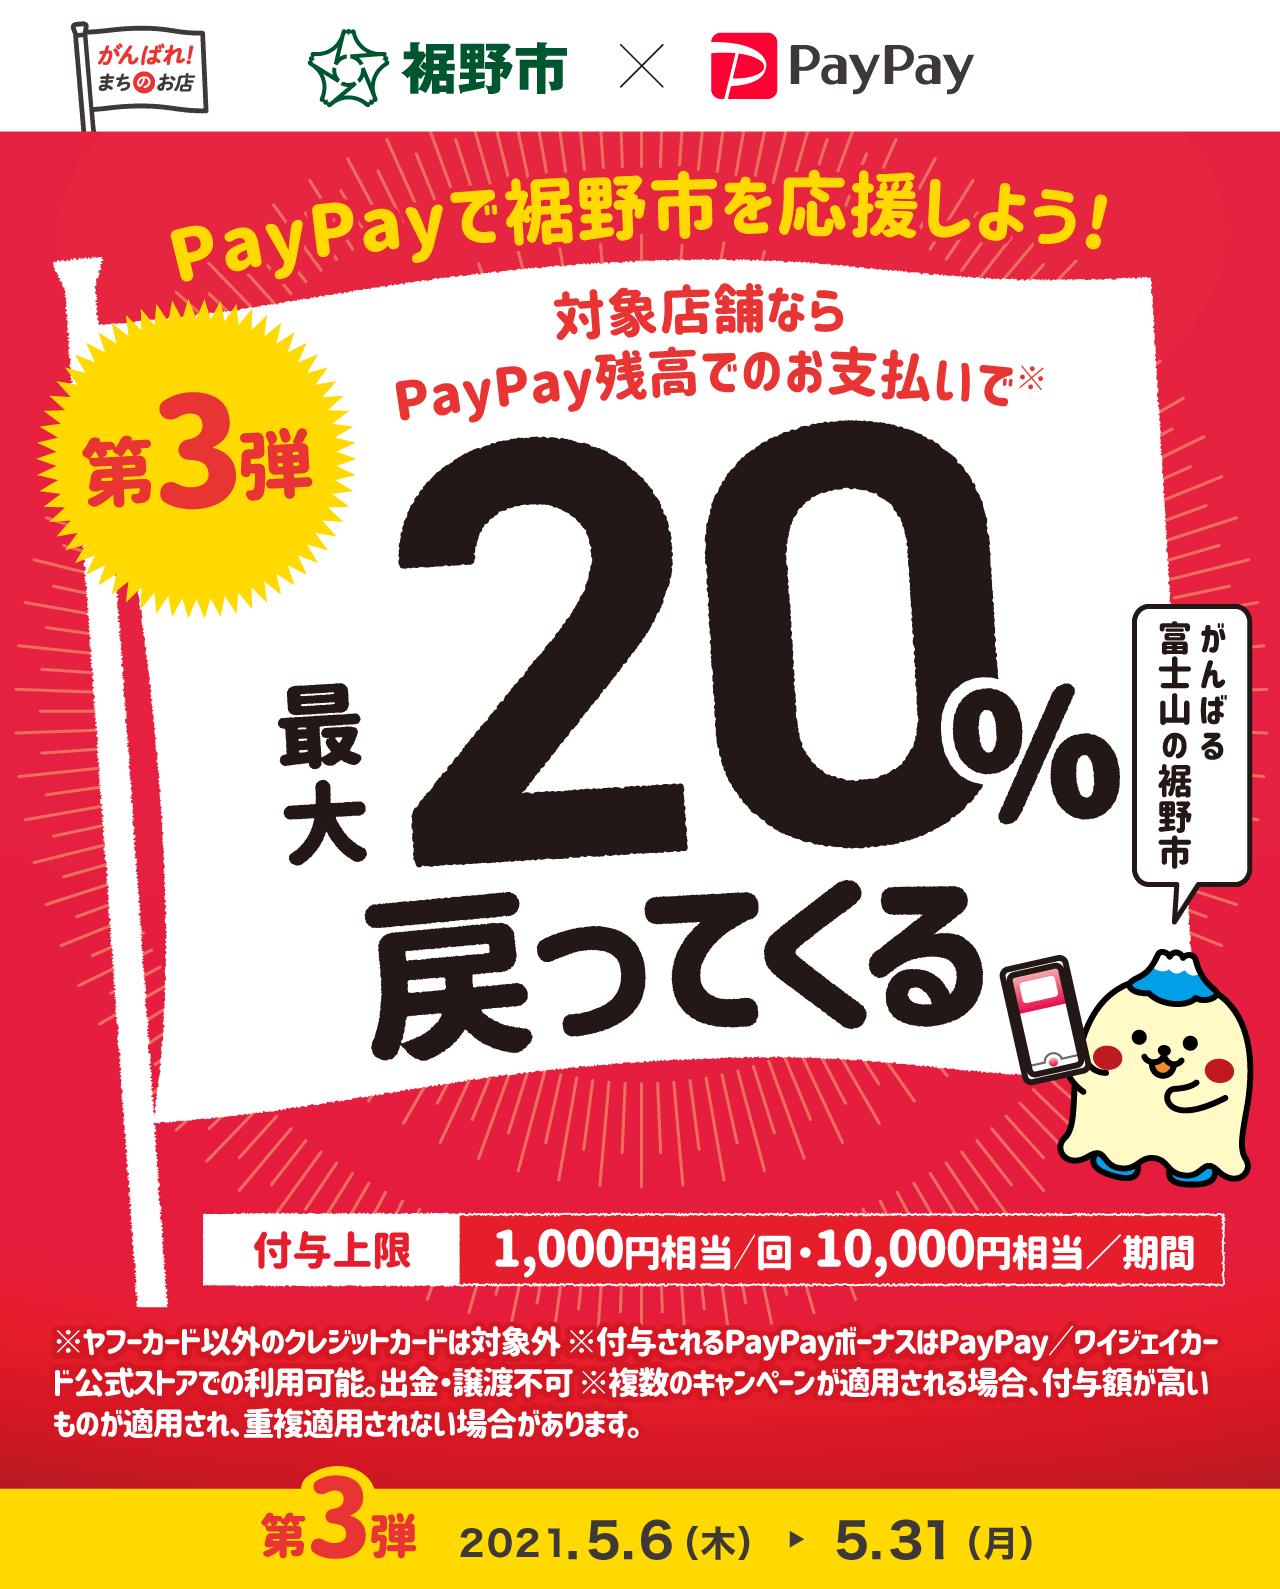 PayPayで裾野市を応援しよう! 第3弾 対象店舗ならPayPay残高でのお支払いで最大20%戻ってくる